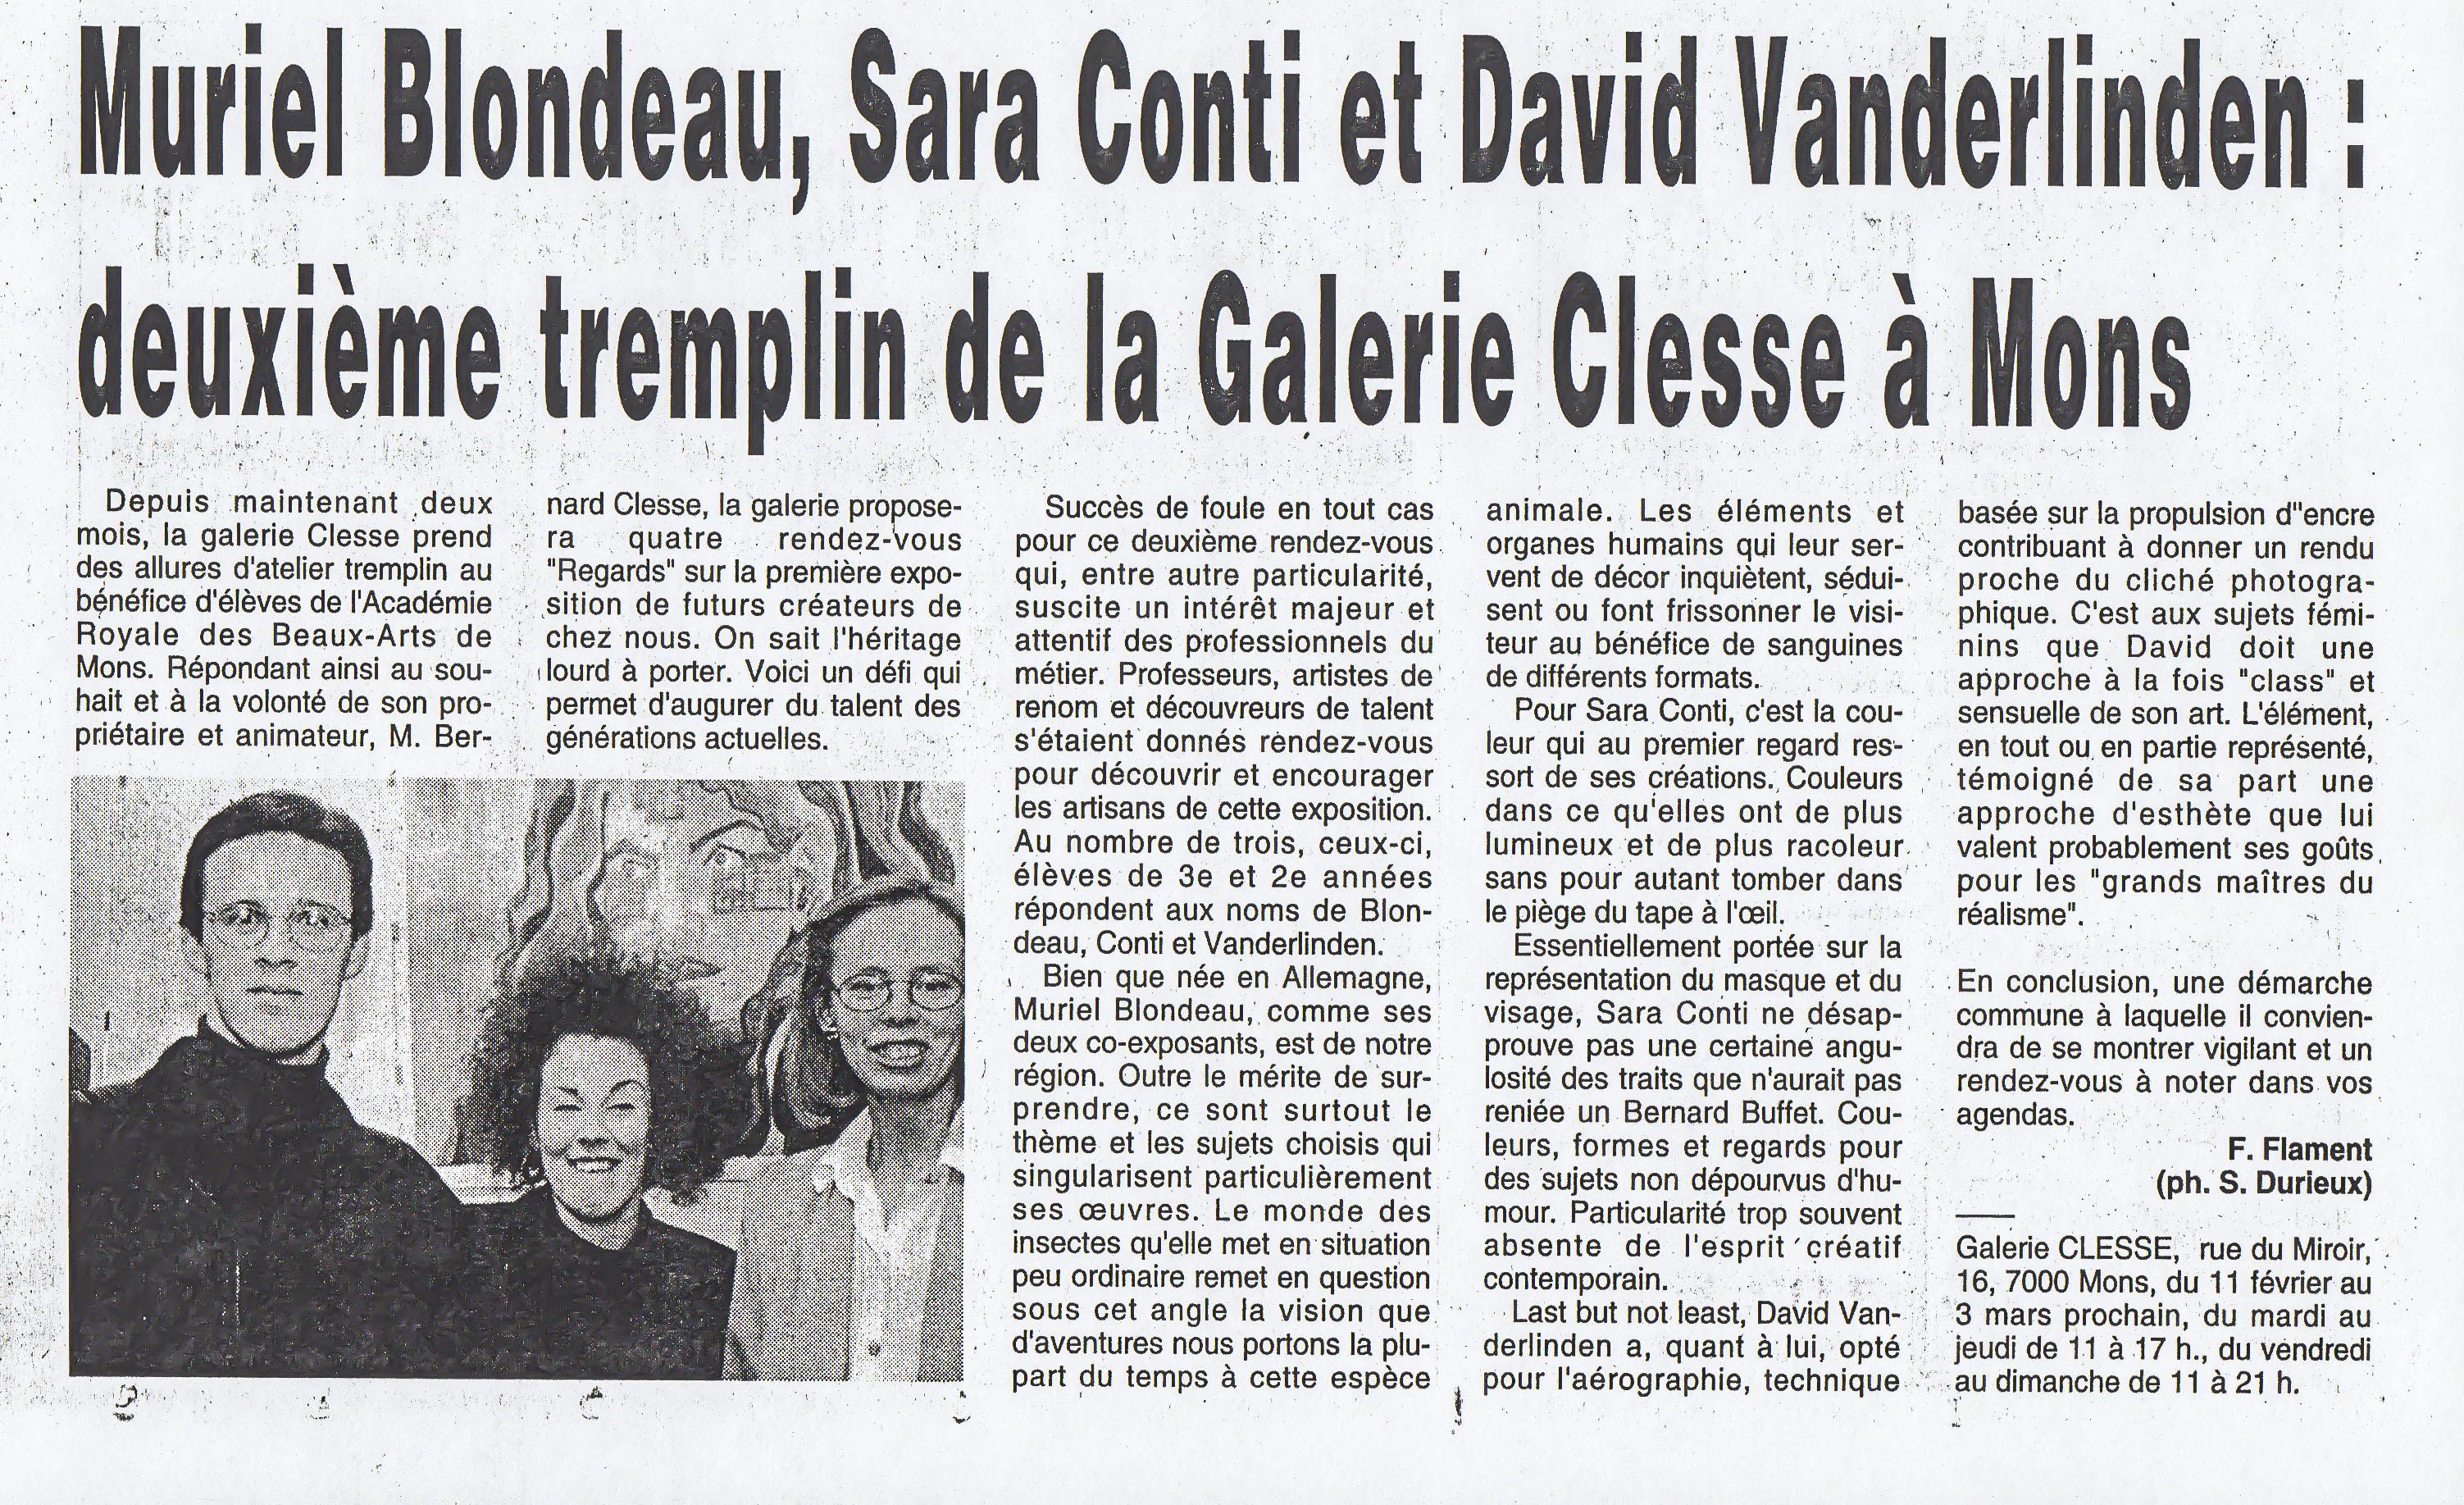 Mu Blondeau Galerie Clesse